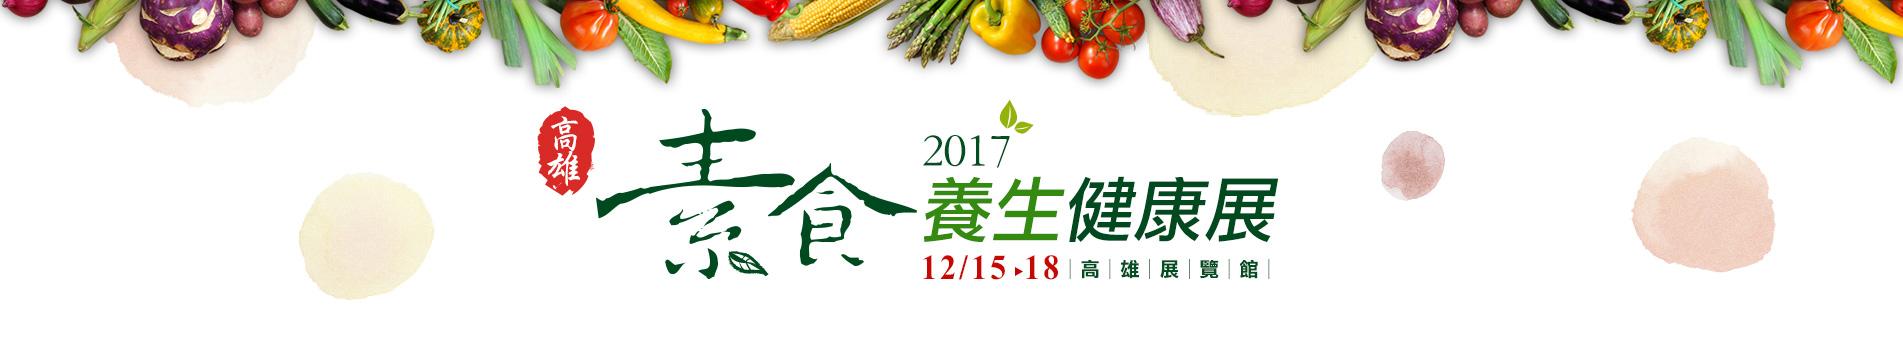 2017高雄素食養生健康展